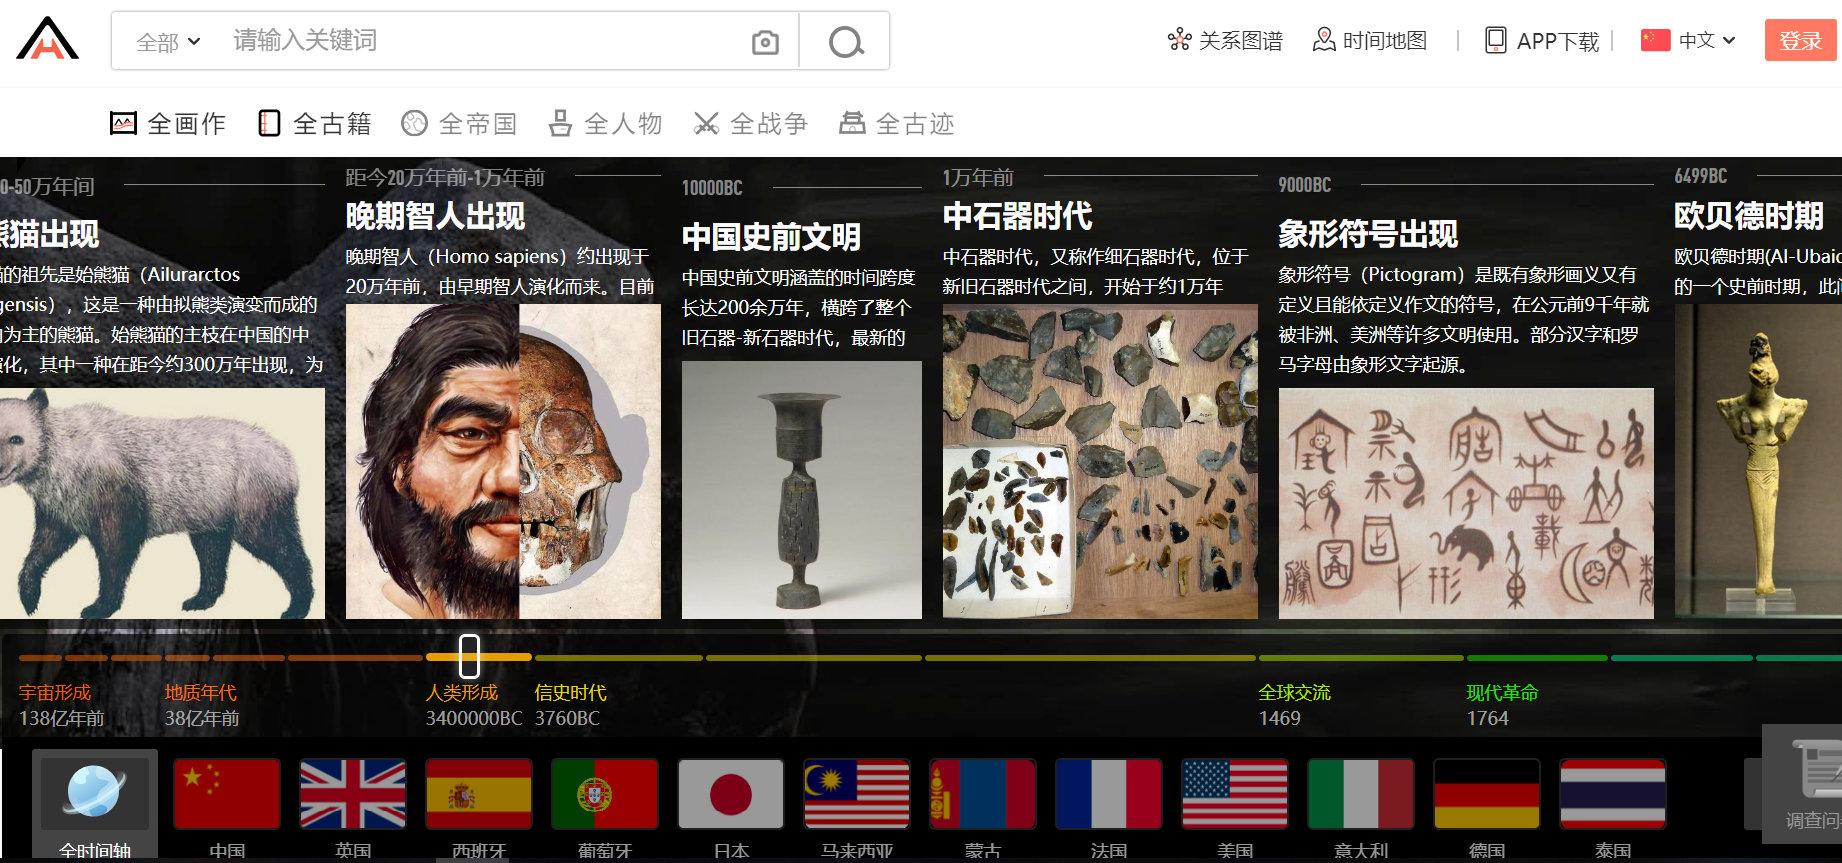 图片[1]-全历史:一个学习了解历史的网站,换个角度看世界-福利巴士